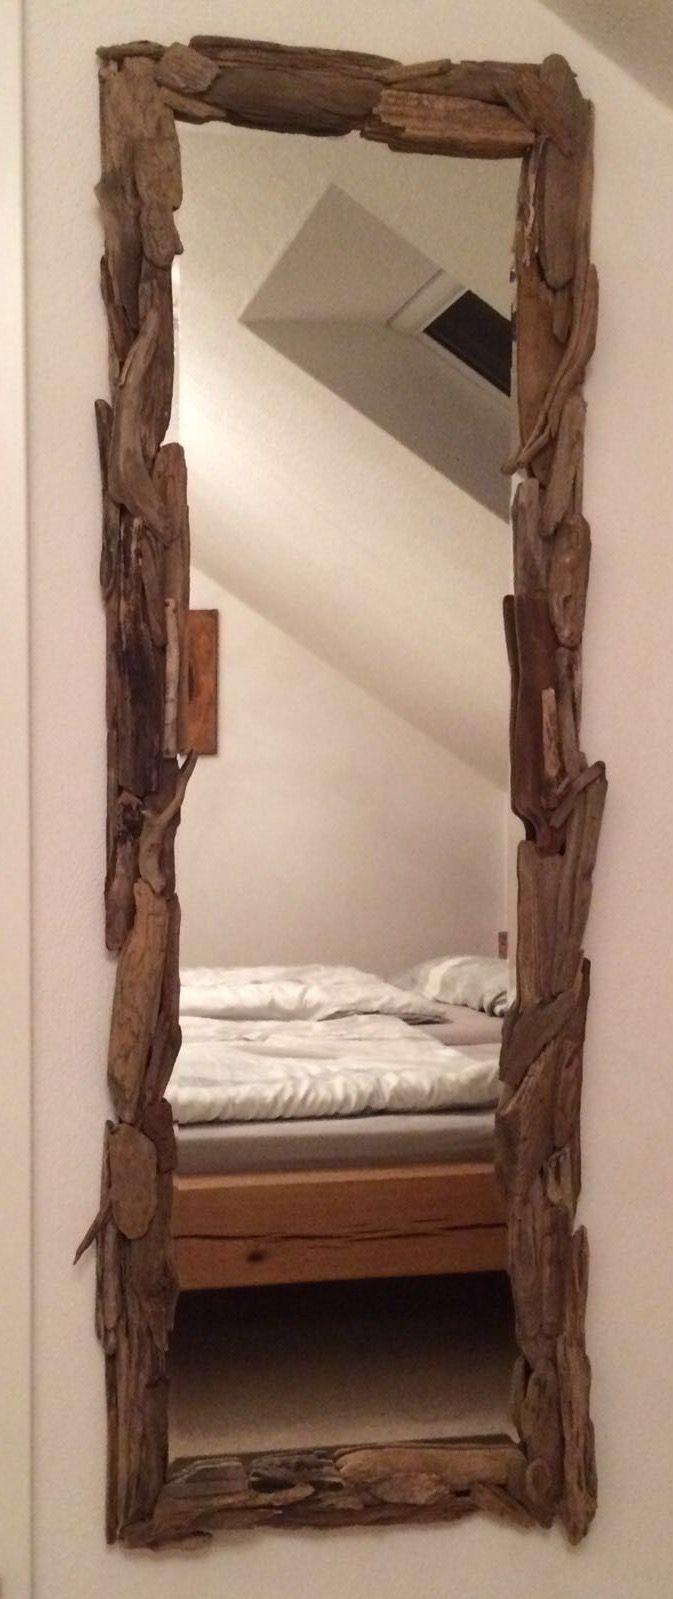 Wandspiegel mit Treibholz Rahmen | Dekoration DIY aus Treibholz ...